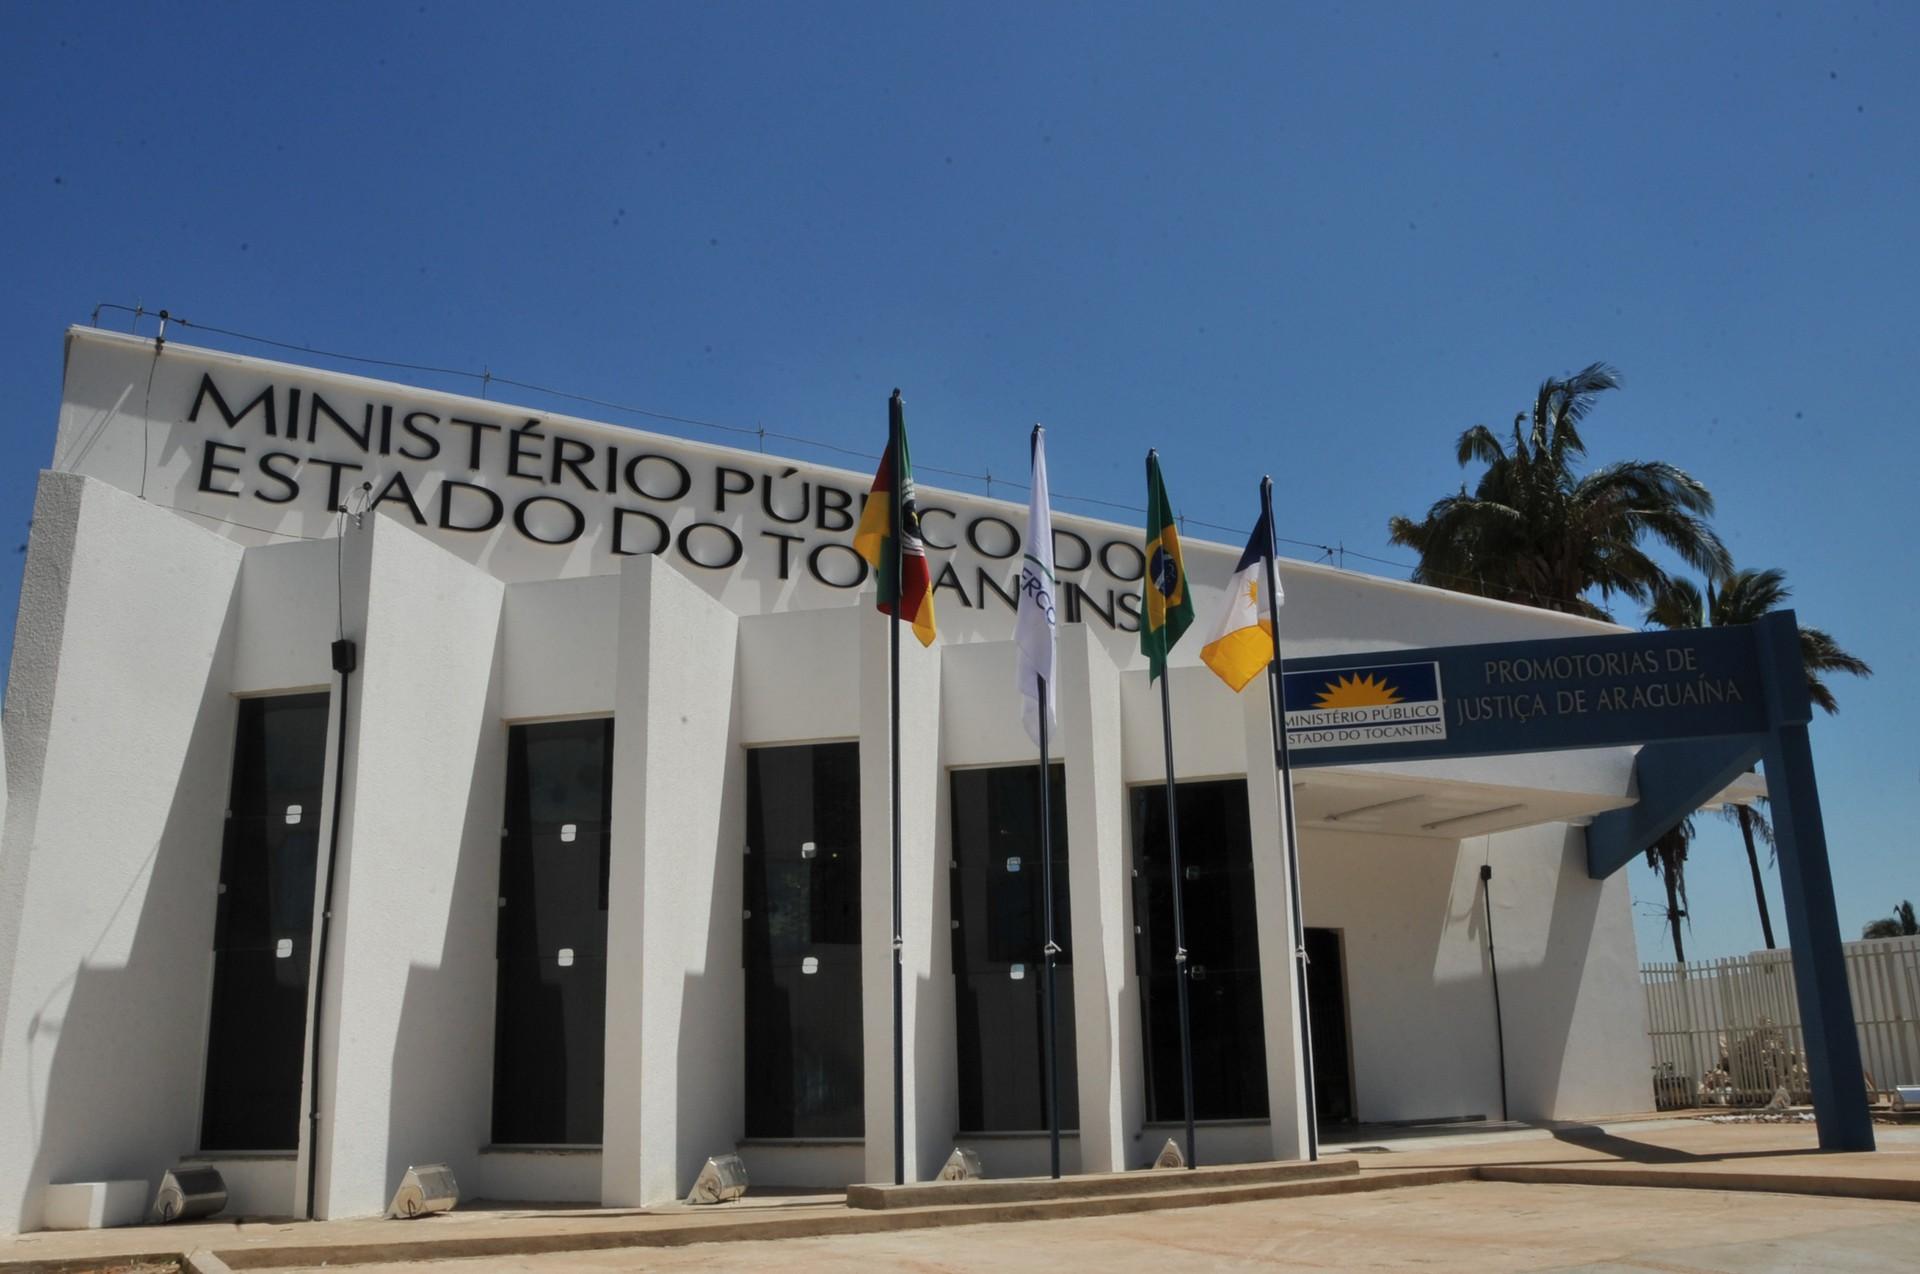 MPE obtém decisão judicial acerca de acúmulo de lixo no Hospital Regional de Araguaína